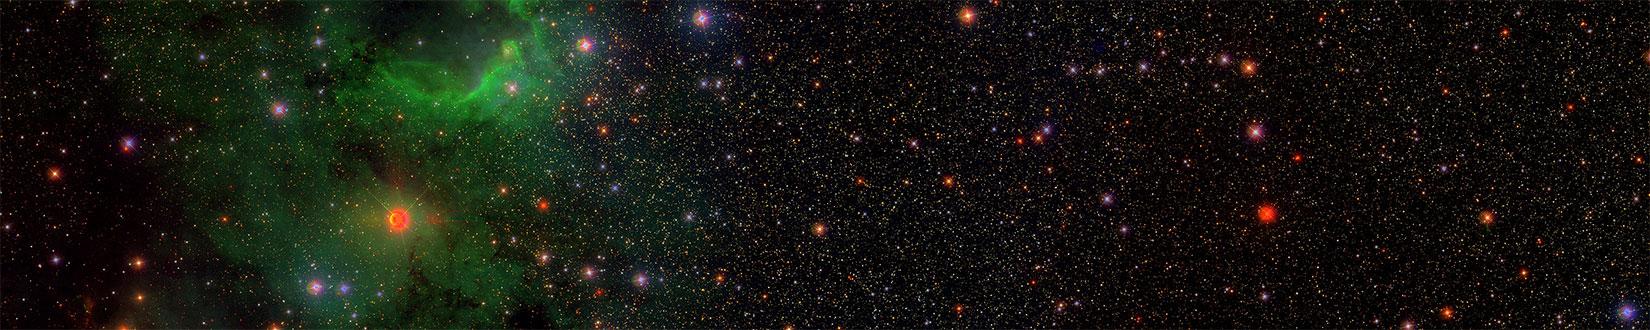 Sloan ile elde edilen bir gökyüzü haritası. [SDSS]